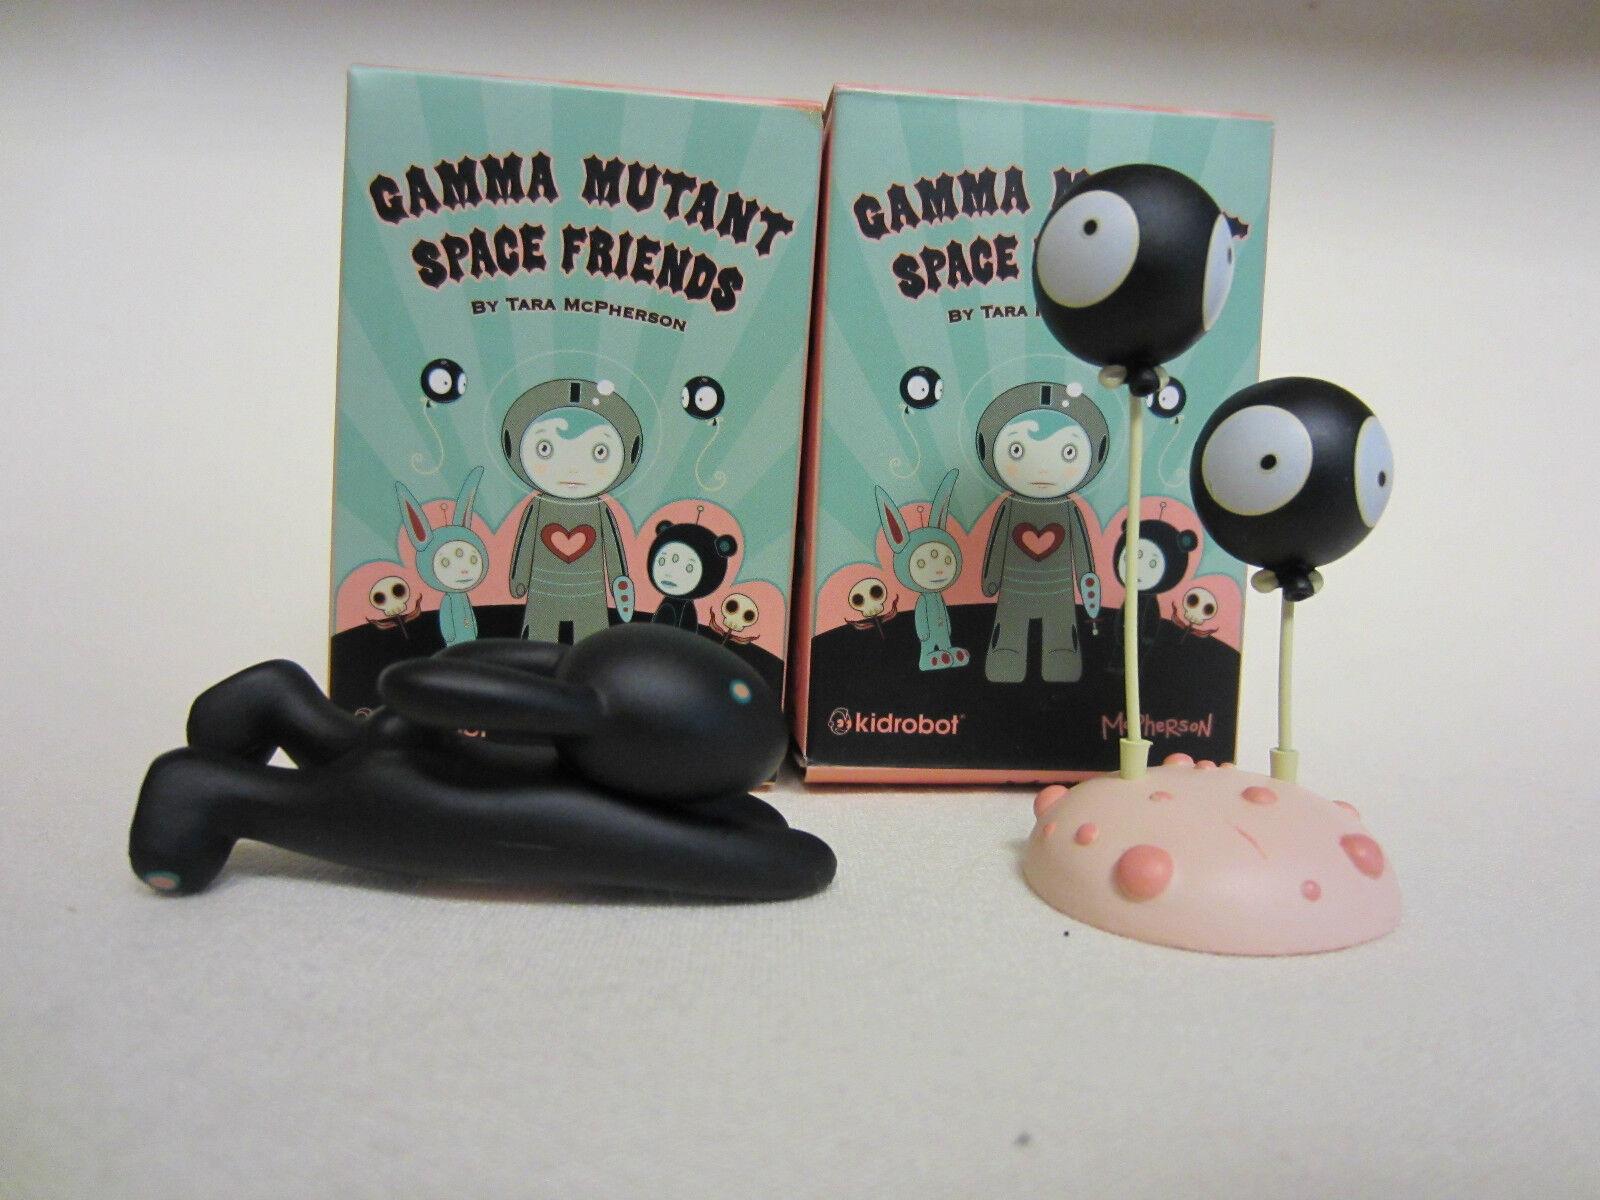 Kidrobot Dunny Gamma Mutant spazio spazio spazio Friends Tara McPherson completare Collection 10f670